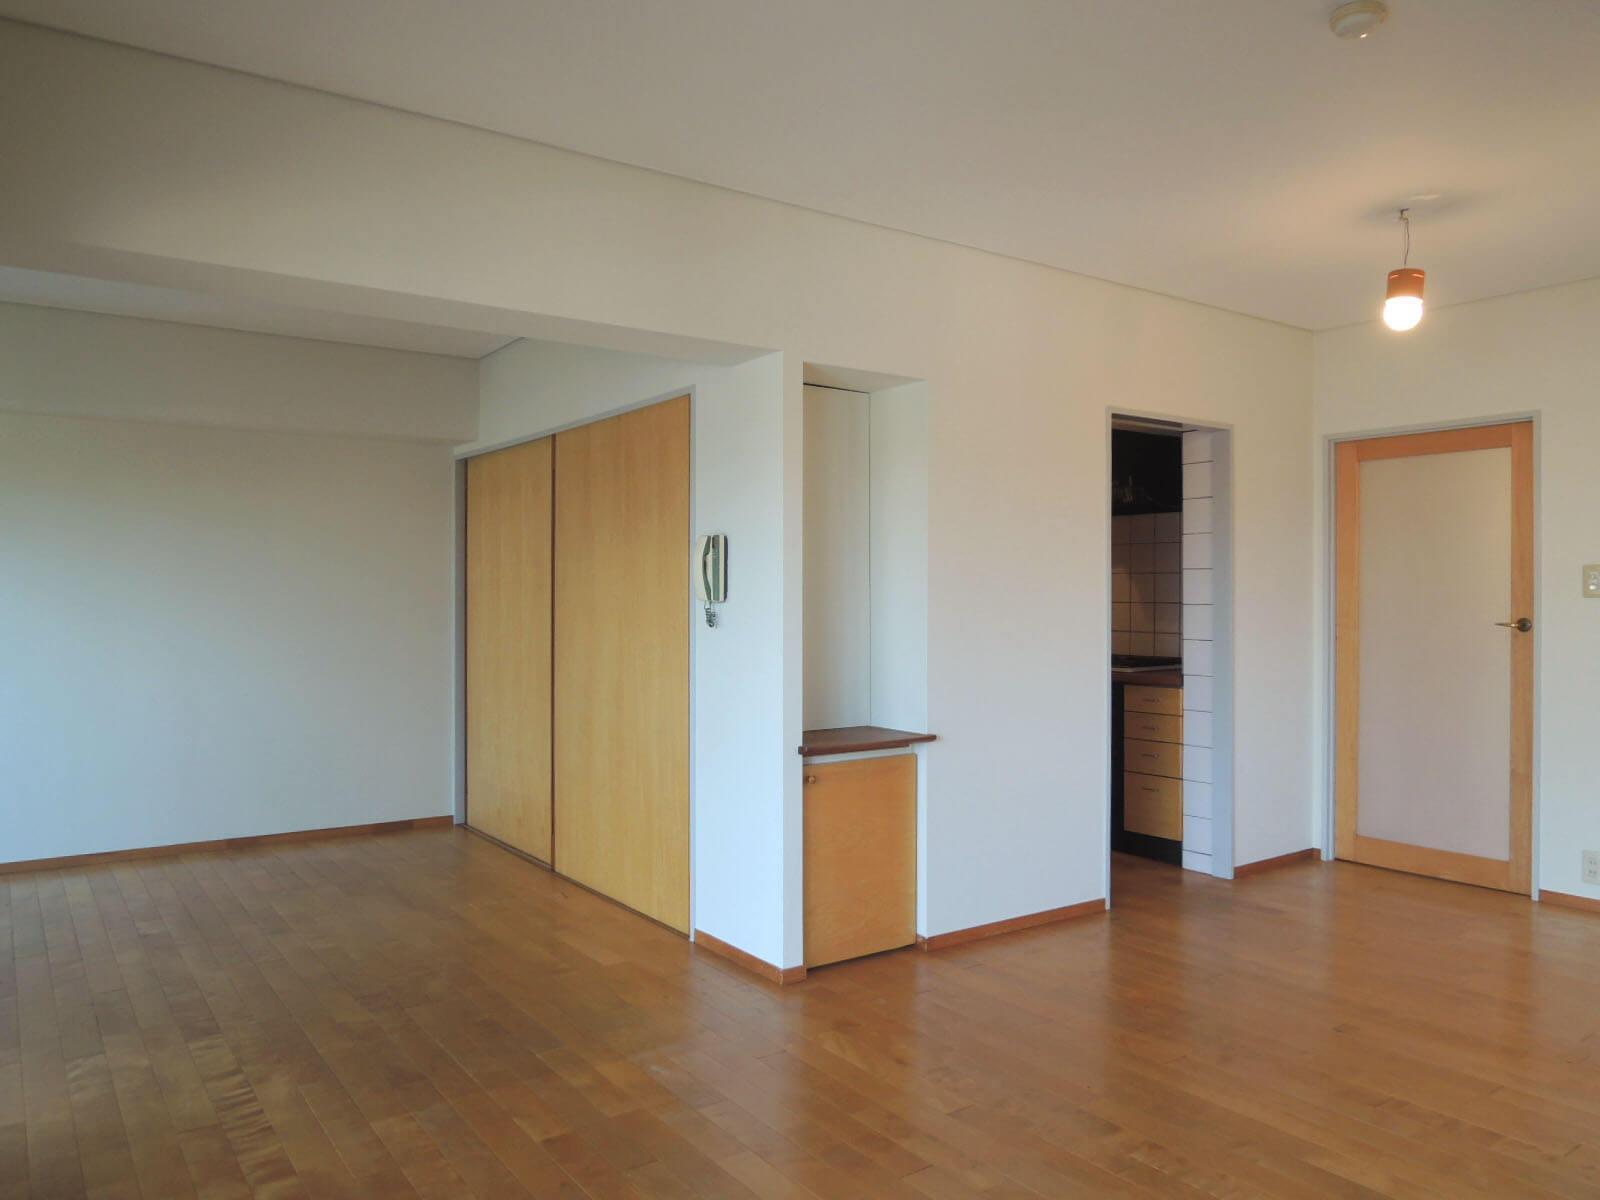 キッチンはリビングの角っこに。扉のない個室になっています。